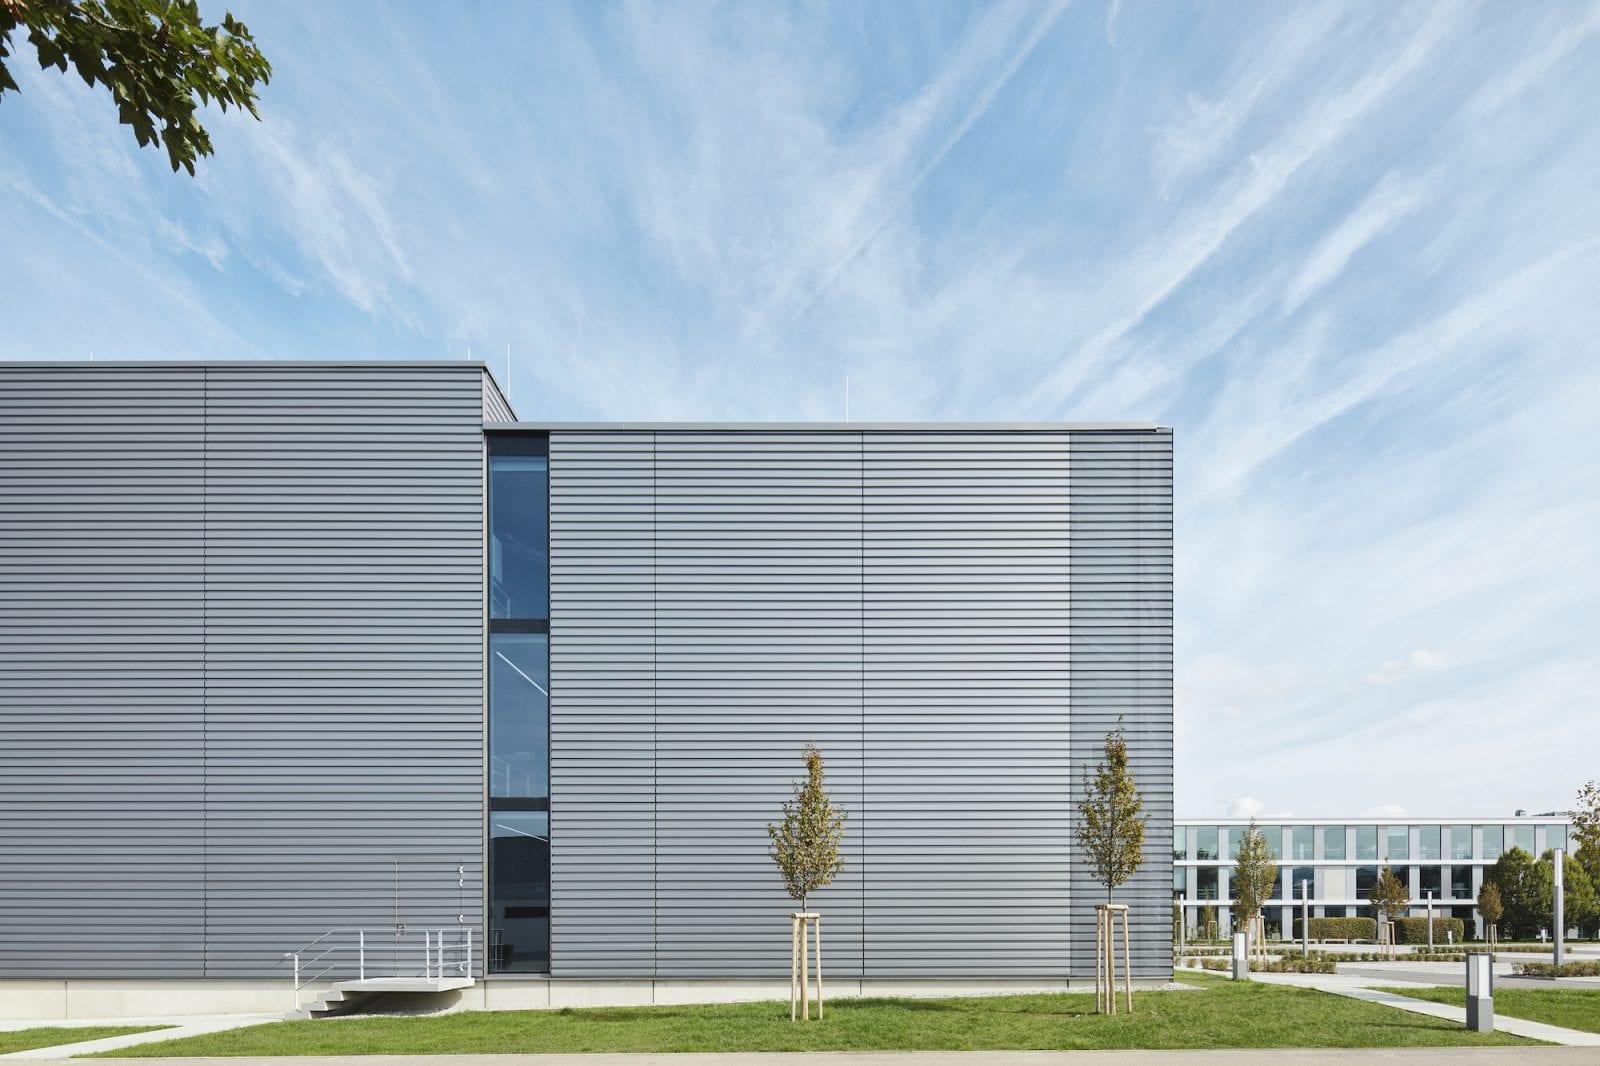 Südansicht der neuen EMAG-Montagehalle (Foto: Dietmar Strauss)